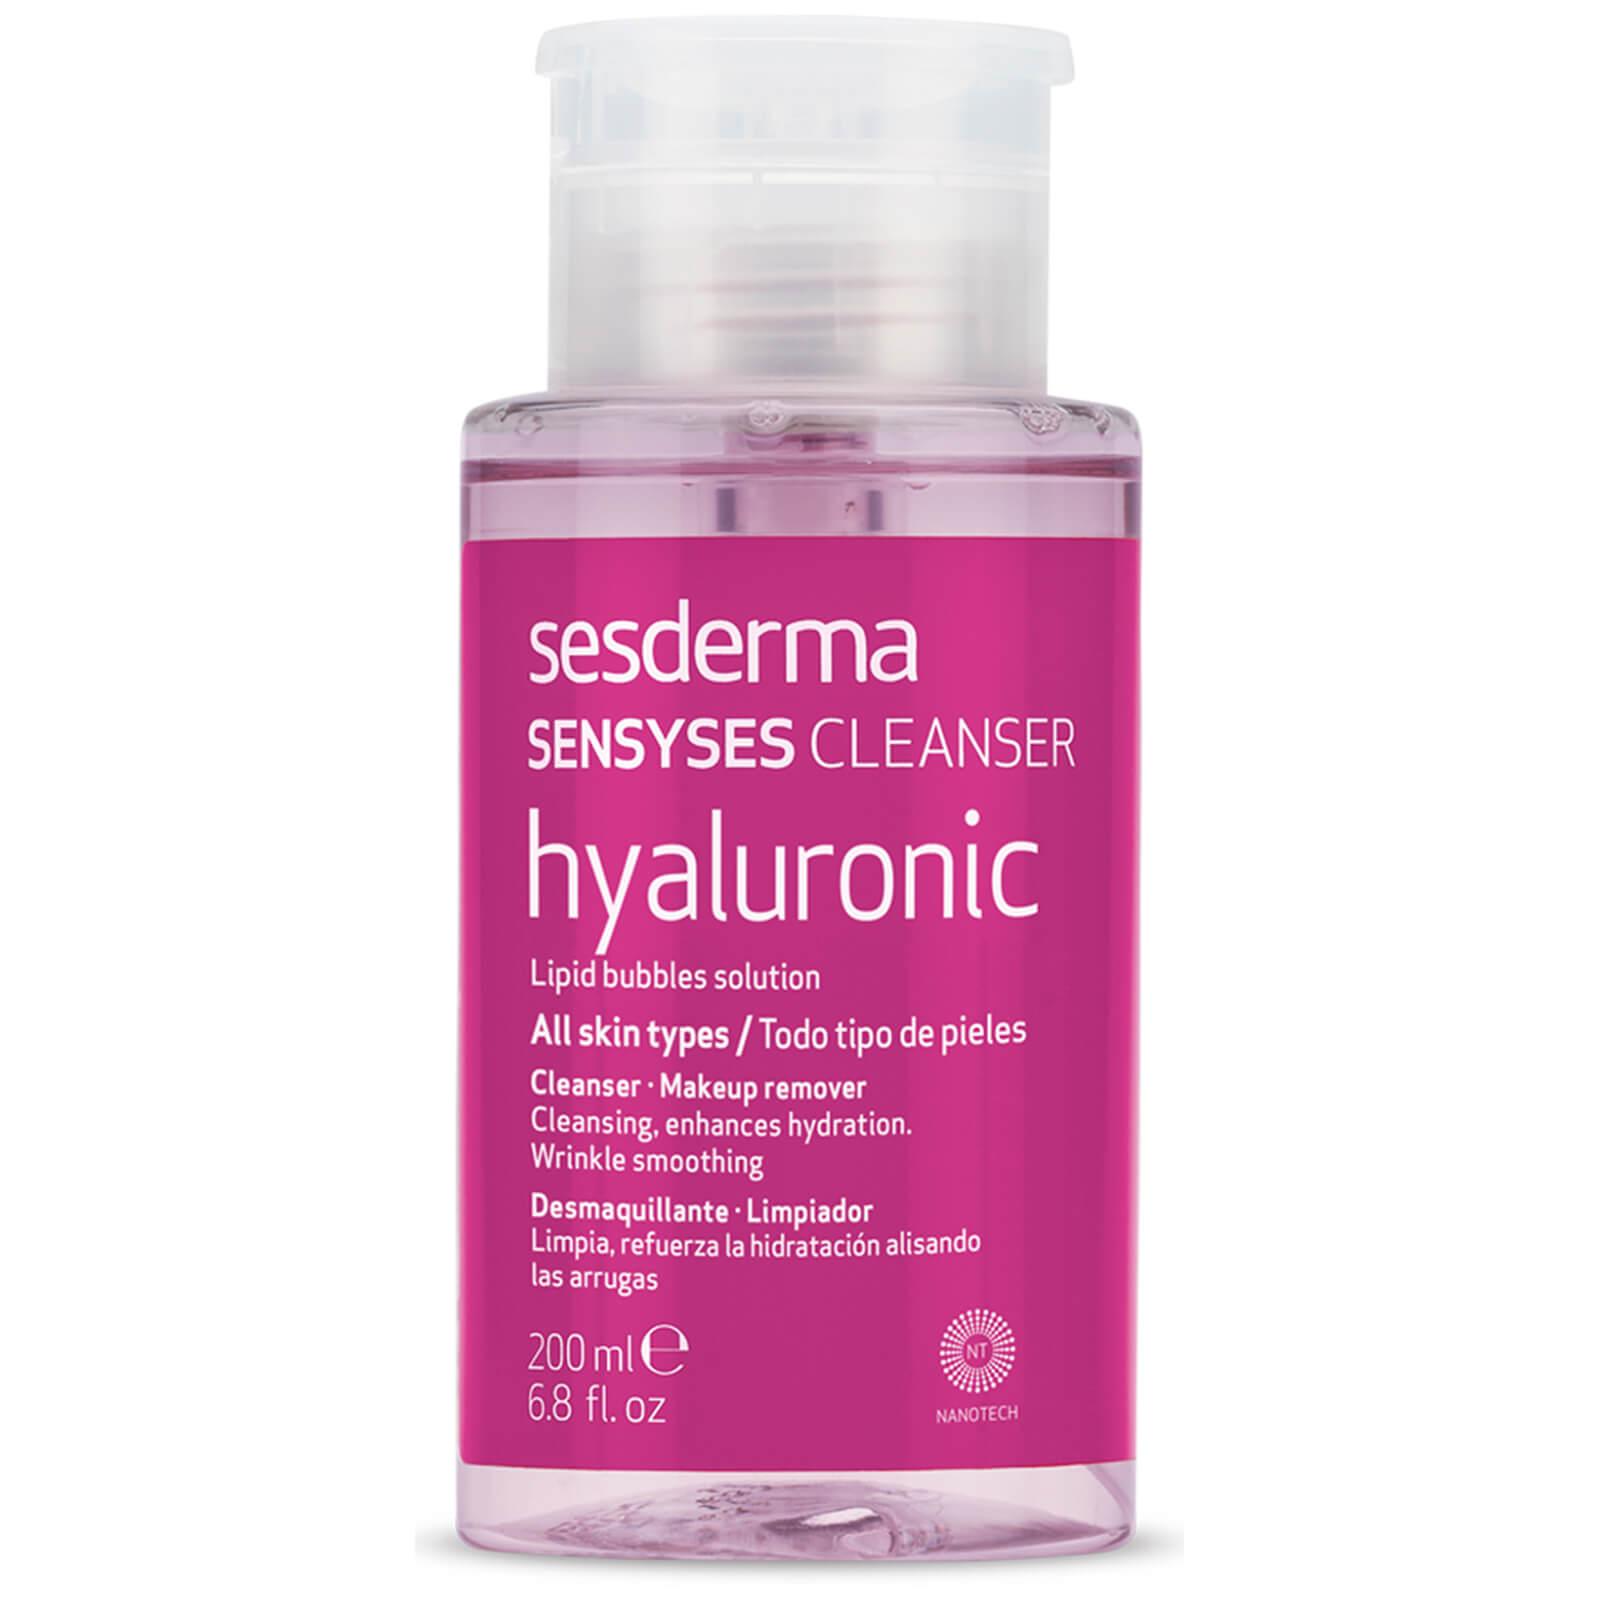 Sesderma Sensyses Liposomal Hyaluronic Cleanser 200ml